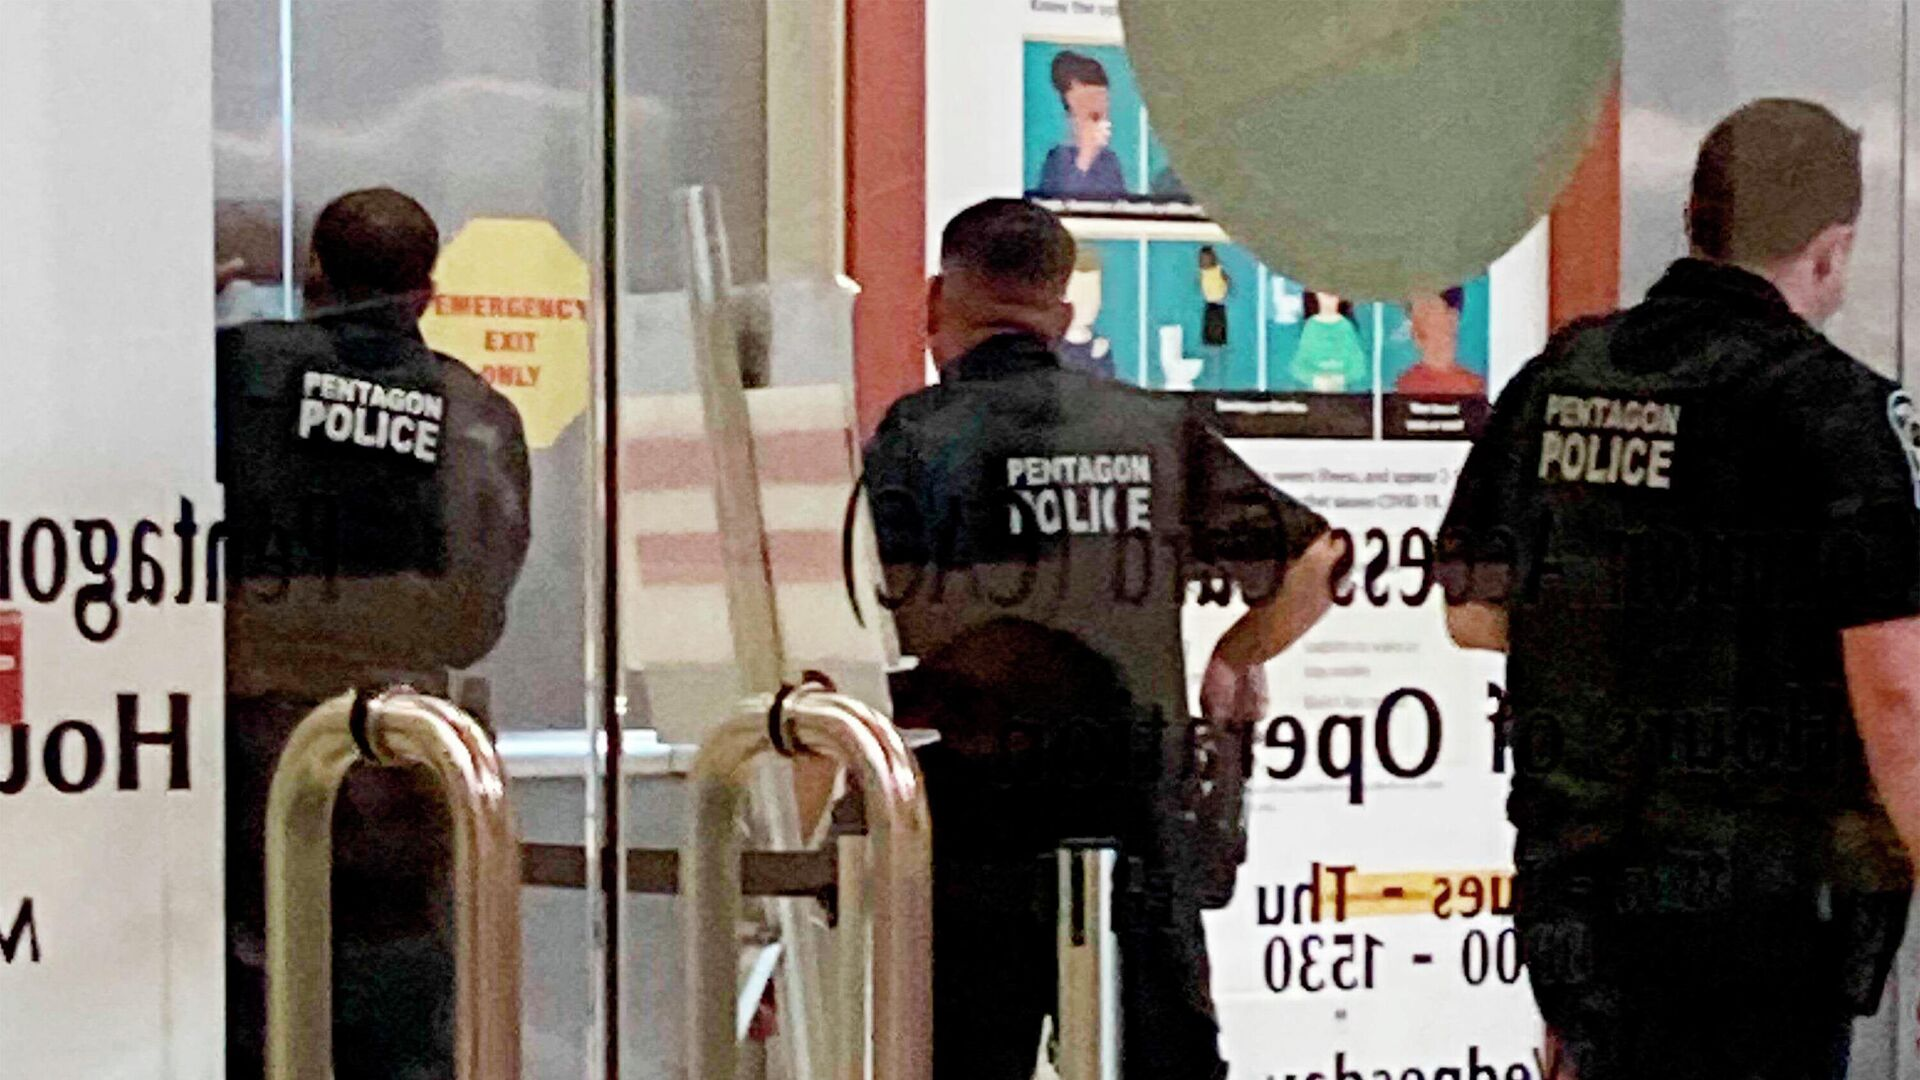 Полицейские Пентагона возле станции метро. 3 августа 2021 - РИА Новости, 1920, 03.08.2021